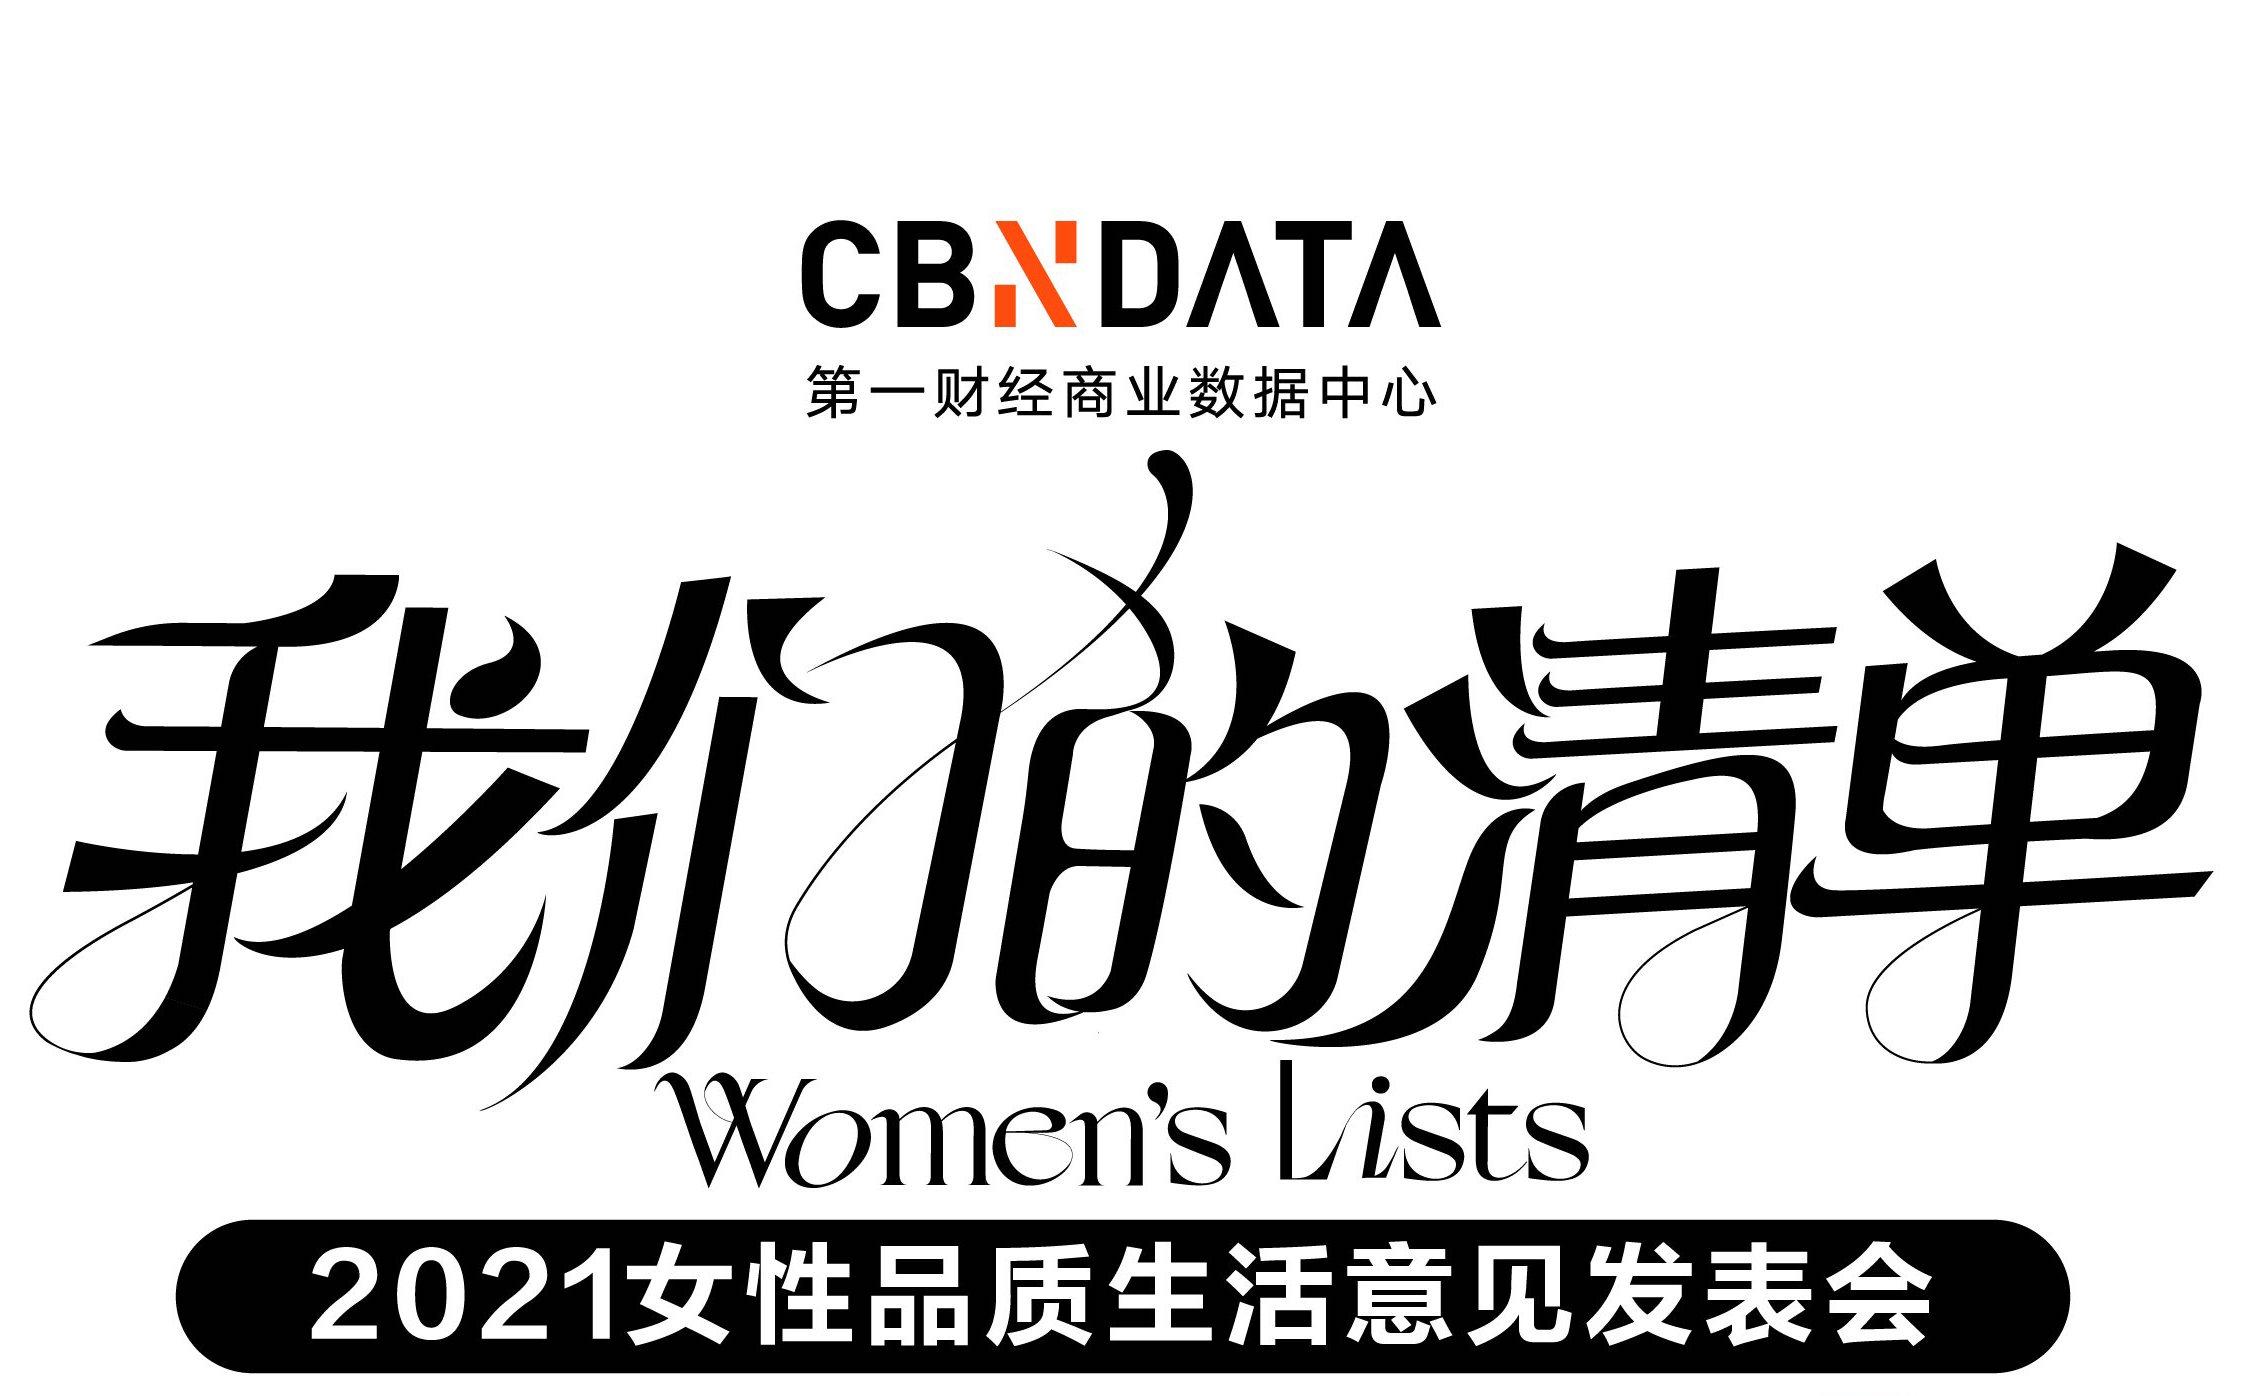 就在本周四!和新銳品牌創業者共話2021女性消費新趨勢